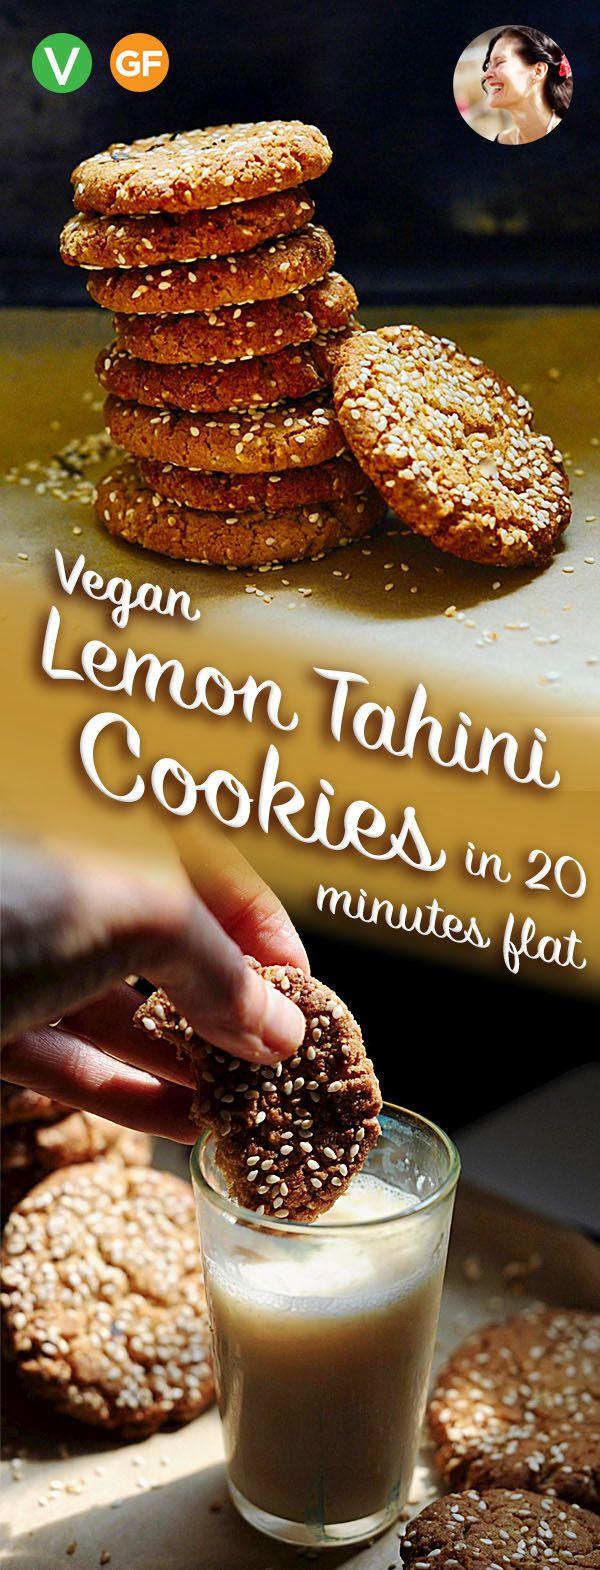 Vegan Lemon Tahini Cookies Gluten Free